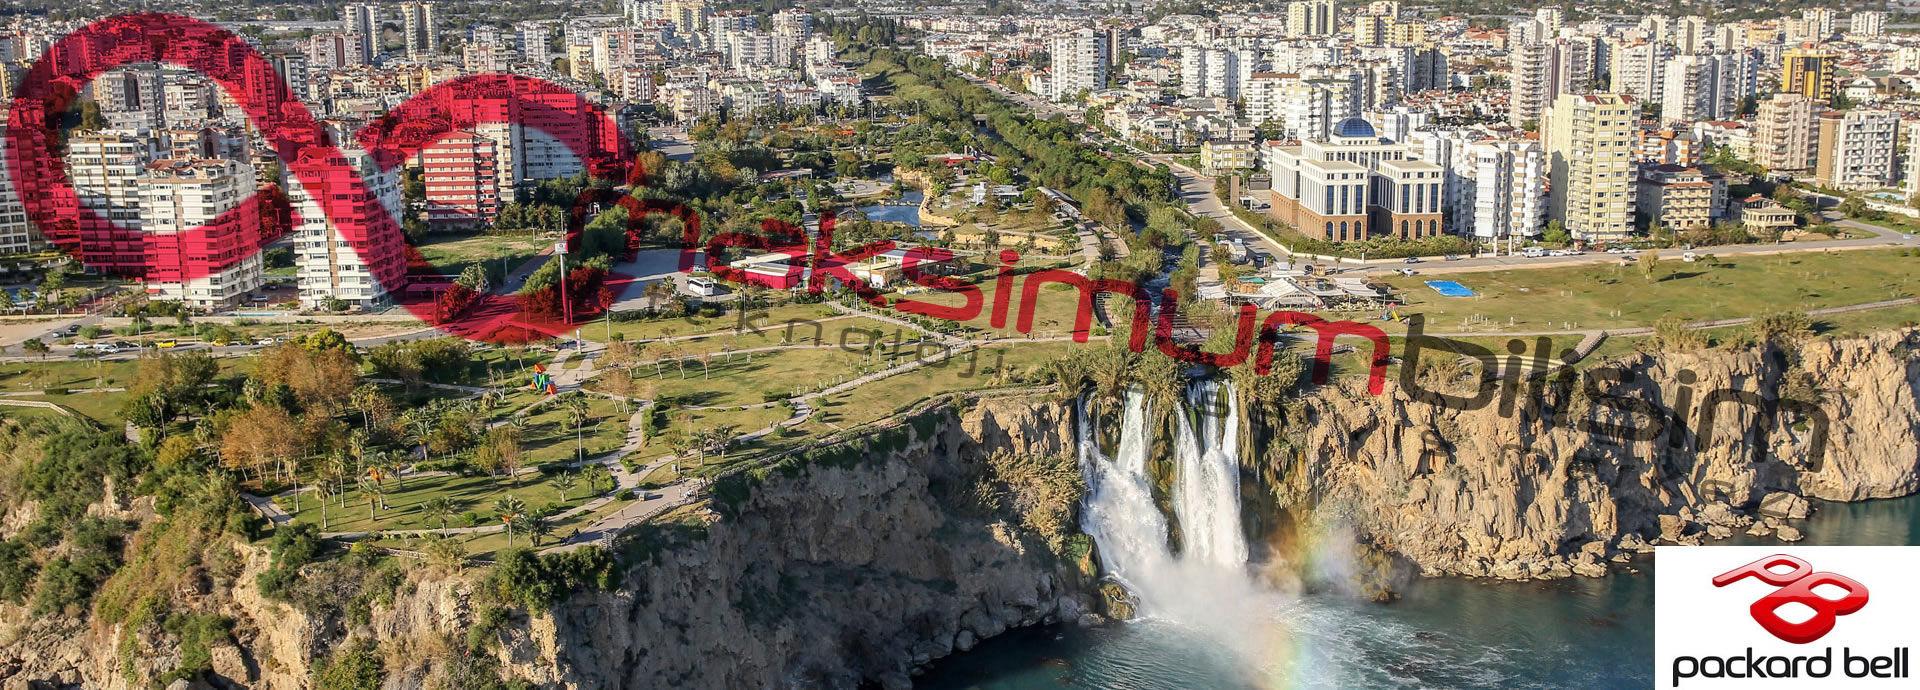 Antalya PackardBell Servis